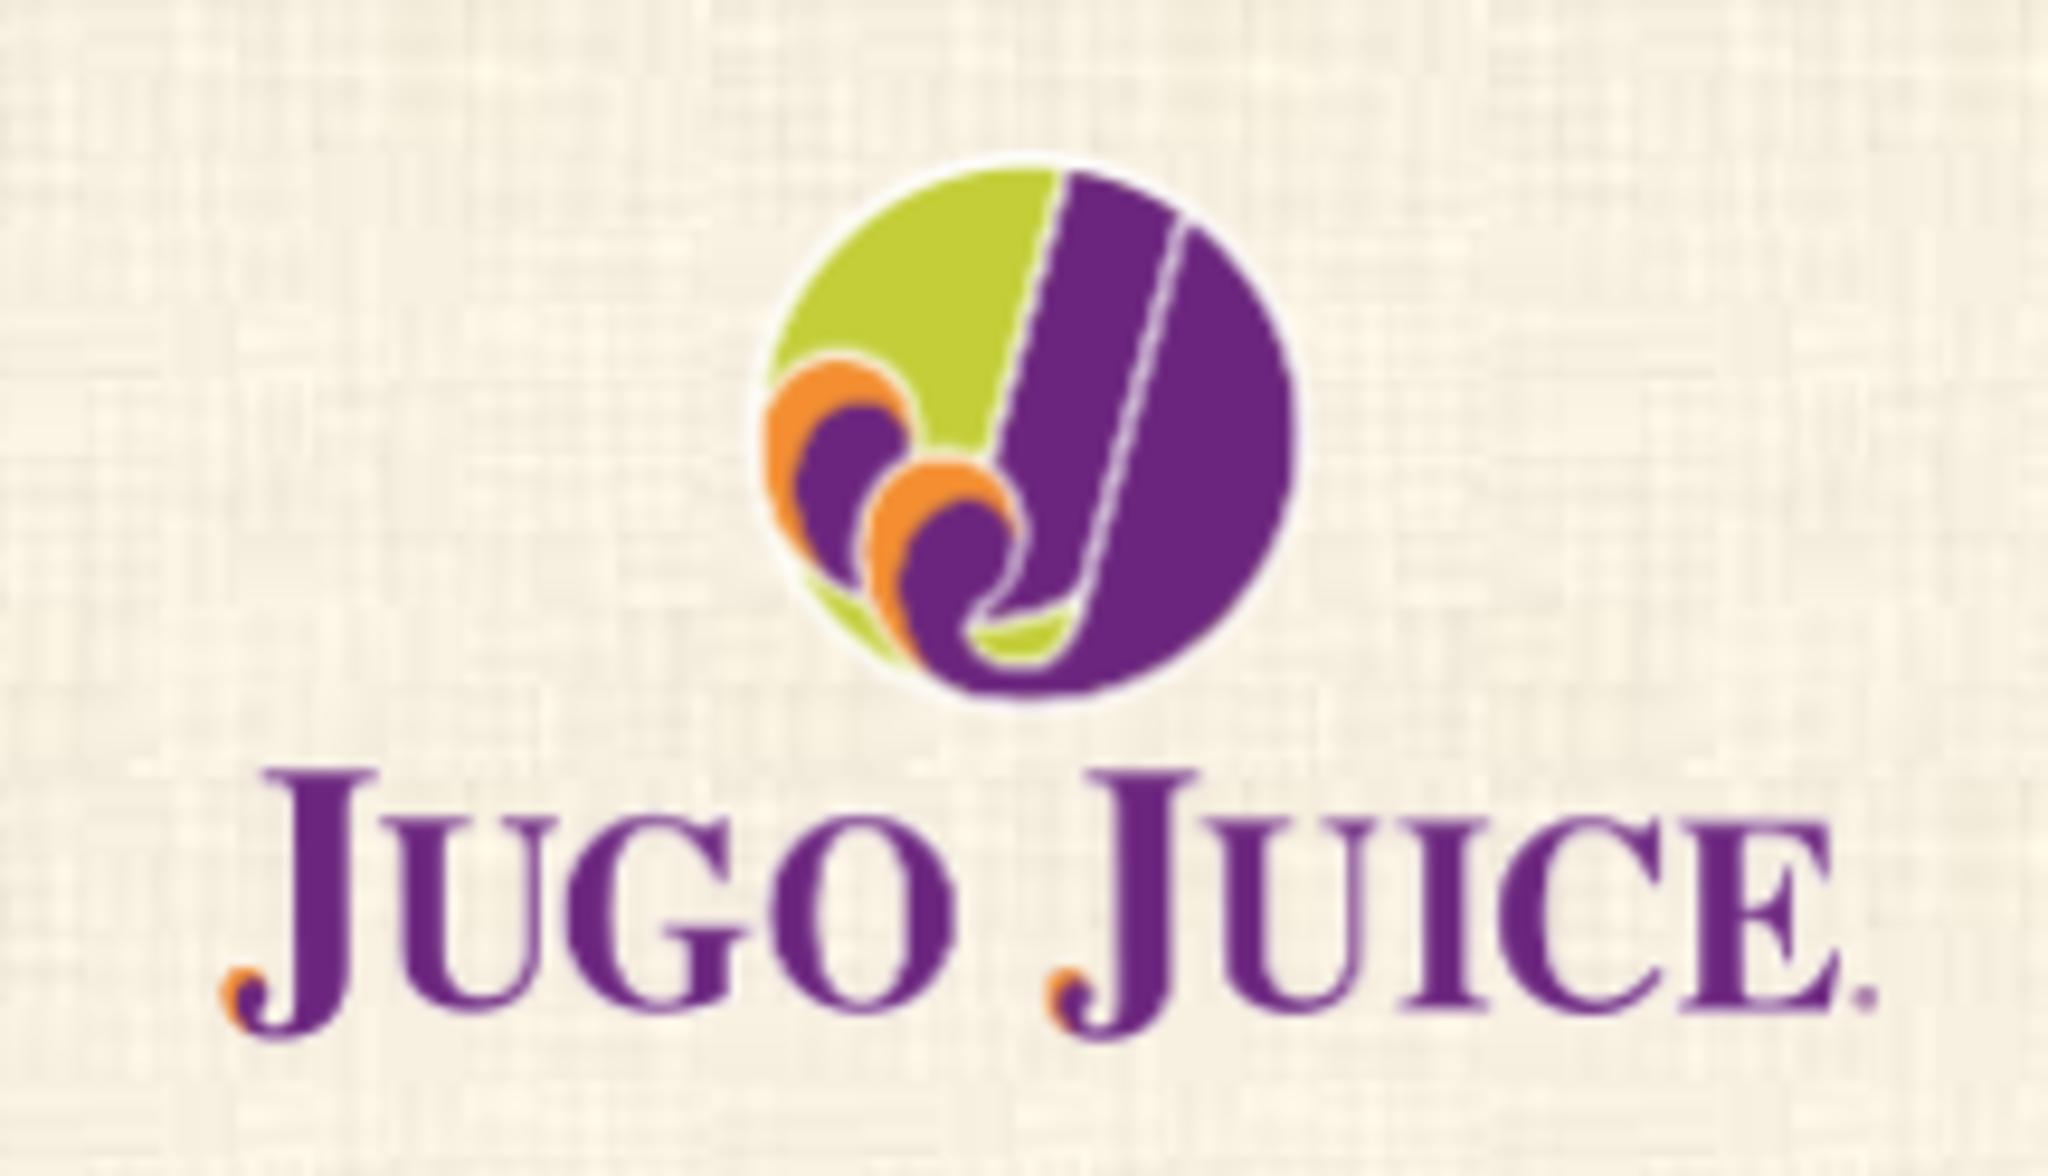 Jugo Juice